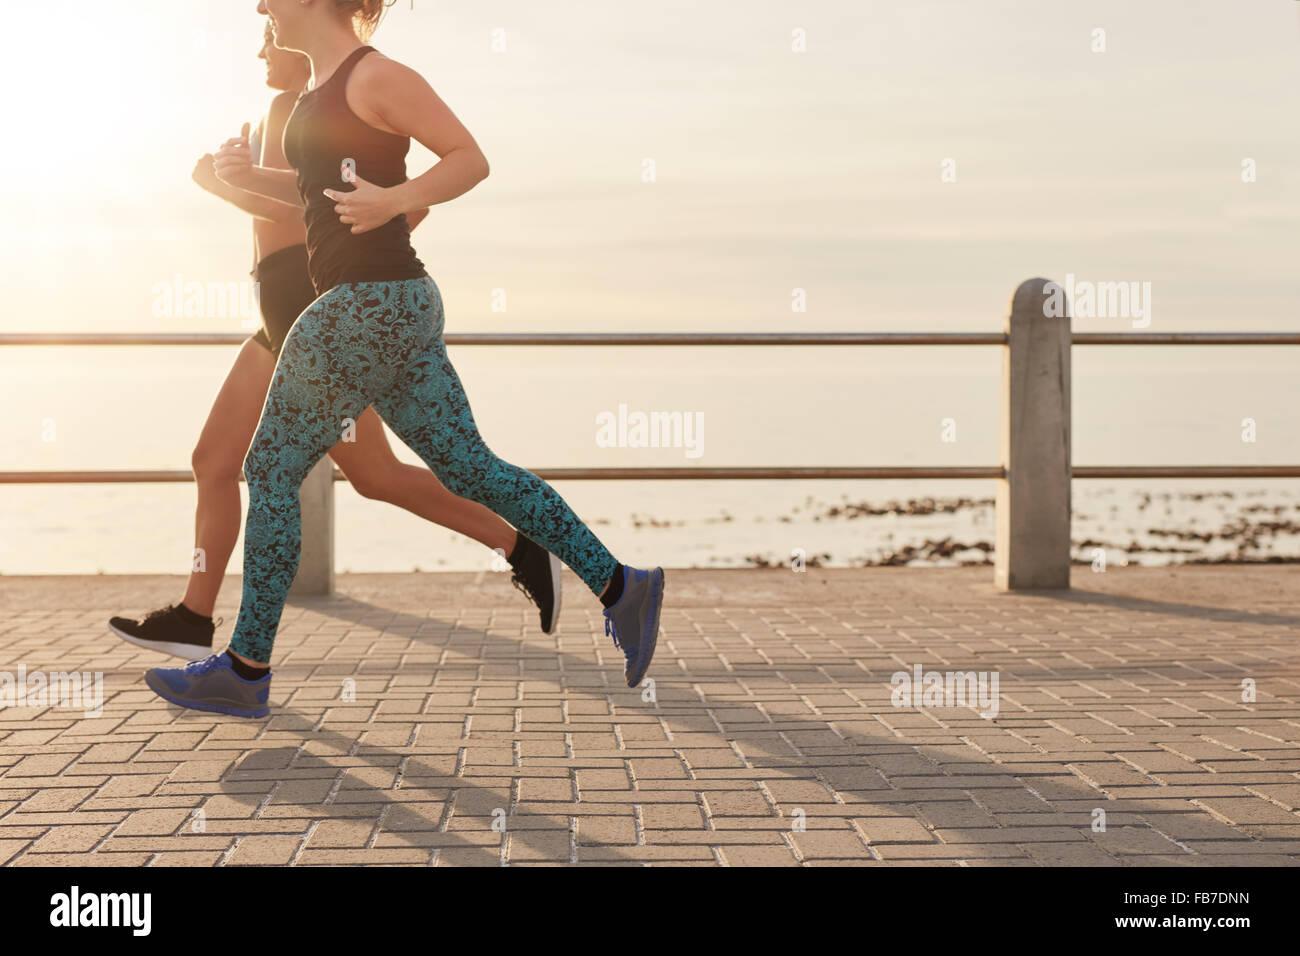 Aufnahme von zwei jungen Frauen, die entlang einer Uferpromenade beschnitten. Gesunde junge Läufer gemeinsam Stockbild